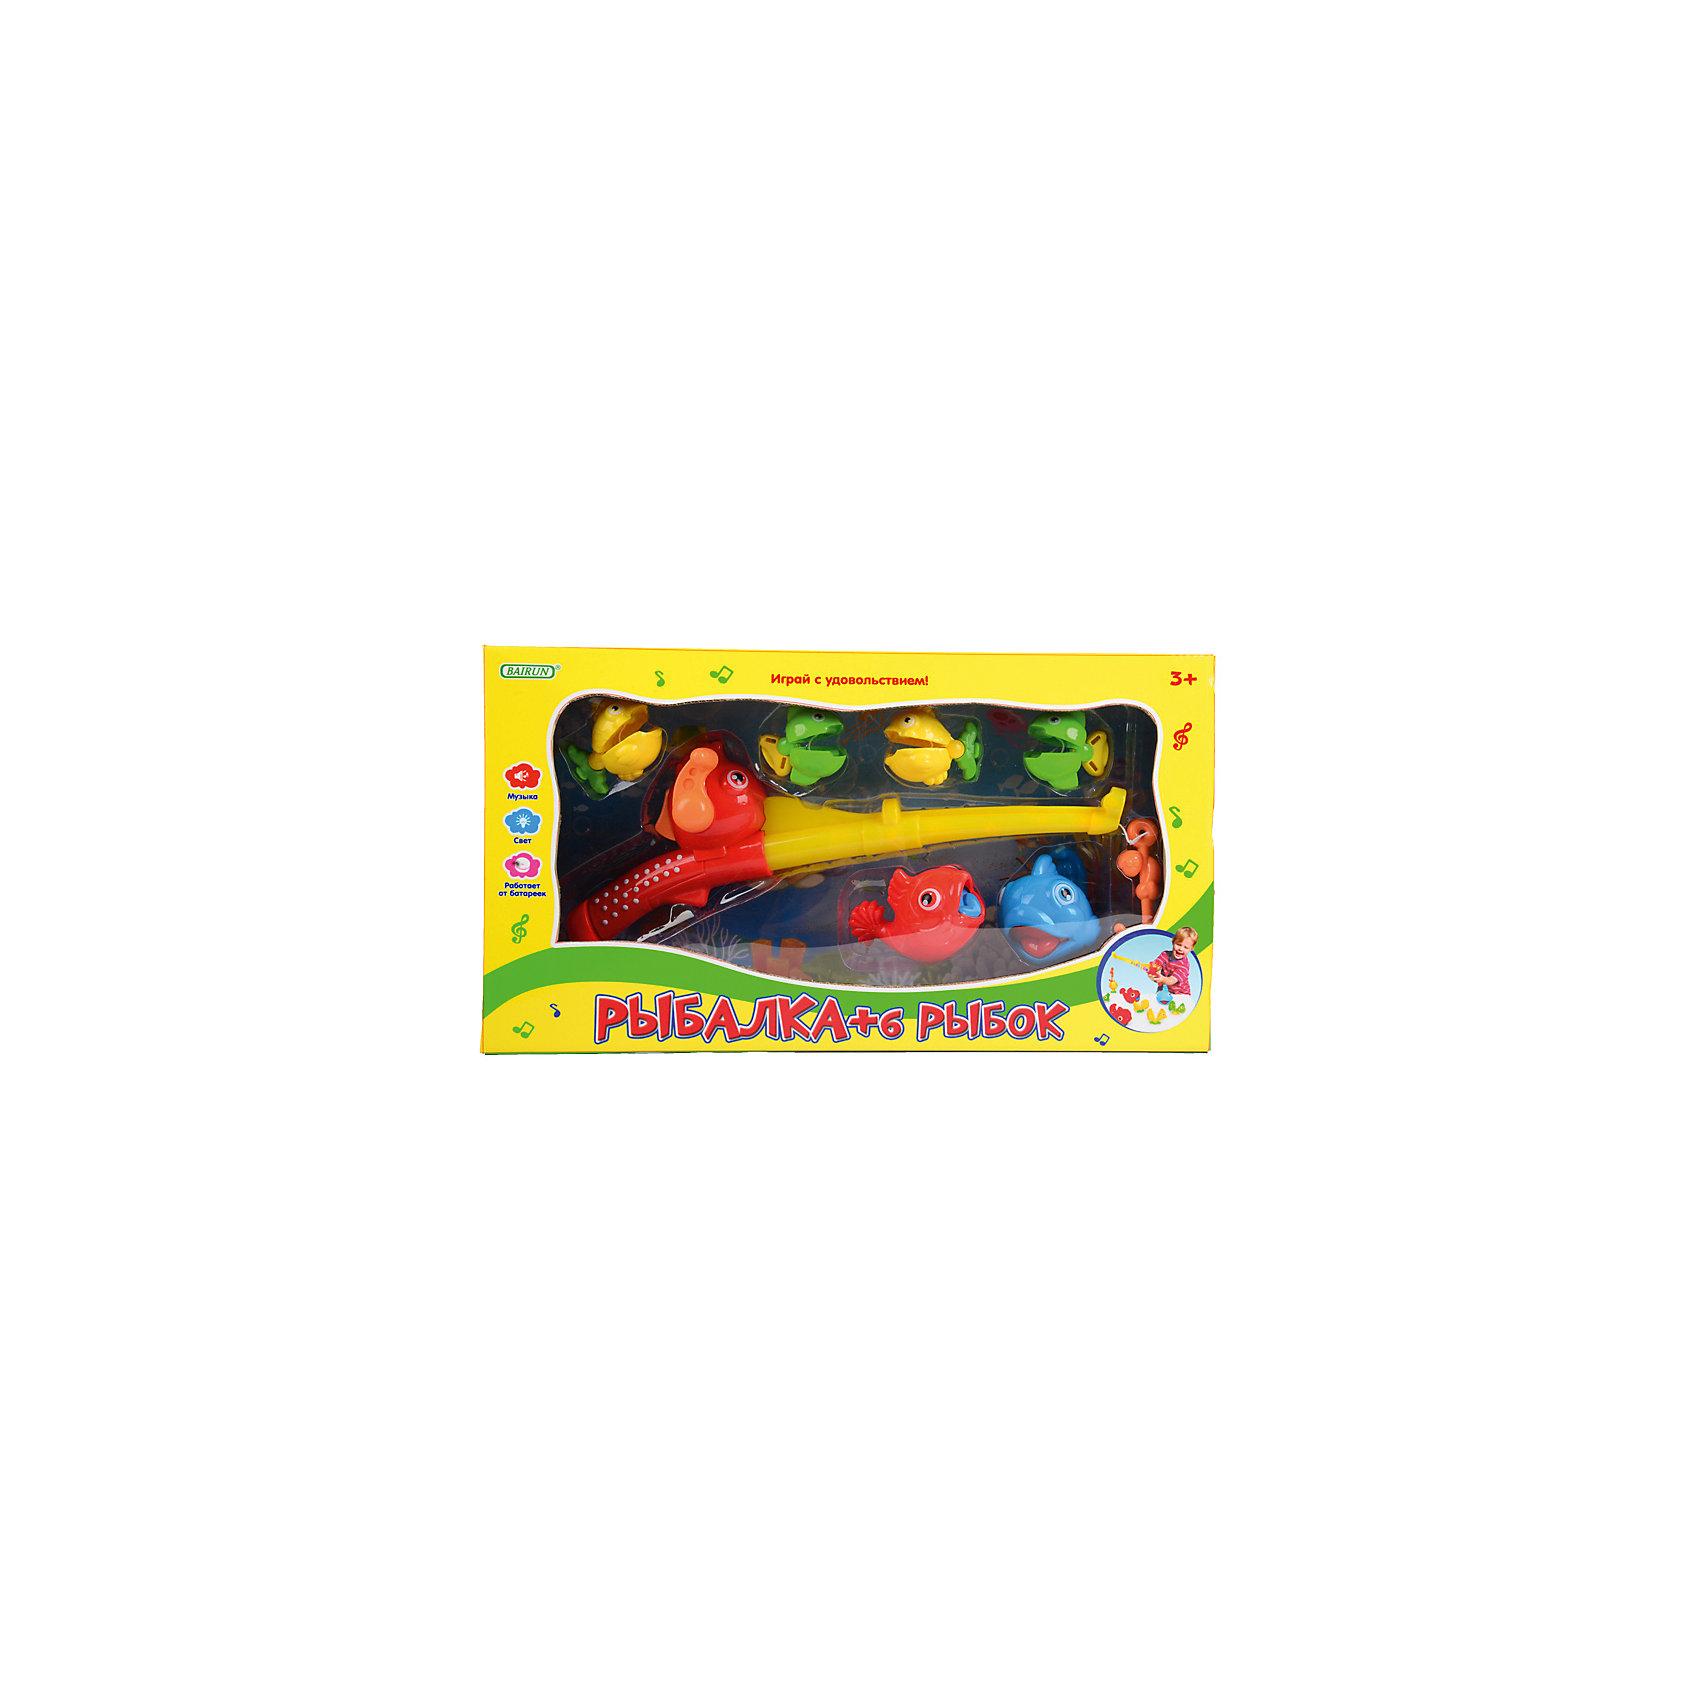 Детская игрушка Рыбалка + 6 рыбокДетская игрушка Рыбалка + 6 рыбок торговой марки  Bairun научит Вашего ребенка ловить маленьких рыбок на волшебную удочку. Как и в реальной удочке, в игрушечной,  есть специальная катушка для разматывания и сматывания веревочки-лески. Удочка своей пленяющей музыкой поможет поймать всех рыбок и сделает игру незабываемой и яркой. Можно устроить и ночную рыбалку и  ловить рыбок в темноте, ведь  удочка светится дивным светом. А как поймаешь рыбку, сразу загадывай желание, оно обязательно исполнится!<br><br>Дополнительная информация: <br><br>- предназначена для детей от 3-х лет.<br>- для работы необходимы батарейки AG13 3 шт. (входят в комплект).<br>- размеры упаковки: 45*50*36 см.<br><br>Детскую игрушку Рыбалка + 6 рыбок торговой марки  Bairun можно купить в нашем интернет-магазине.<br><br>Ширина мм: 450<br>Глубина мм: 50<br>Высота мм: 360<br>Вес г: 594<br>Возраст от месяцев: 36<br>Возраст до месяцев: 2147483647<br>Пол: Унисекс<br>Возраст: Детский<br>SKU: 4904799